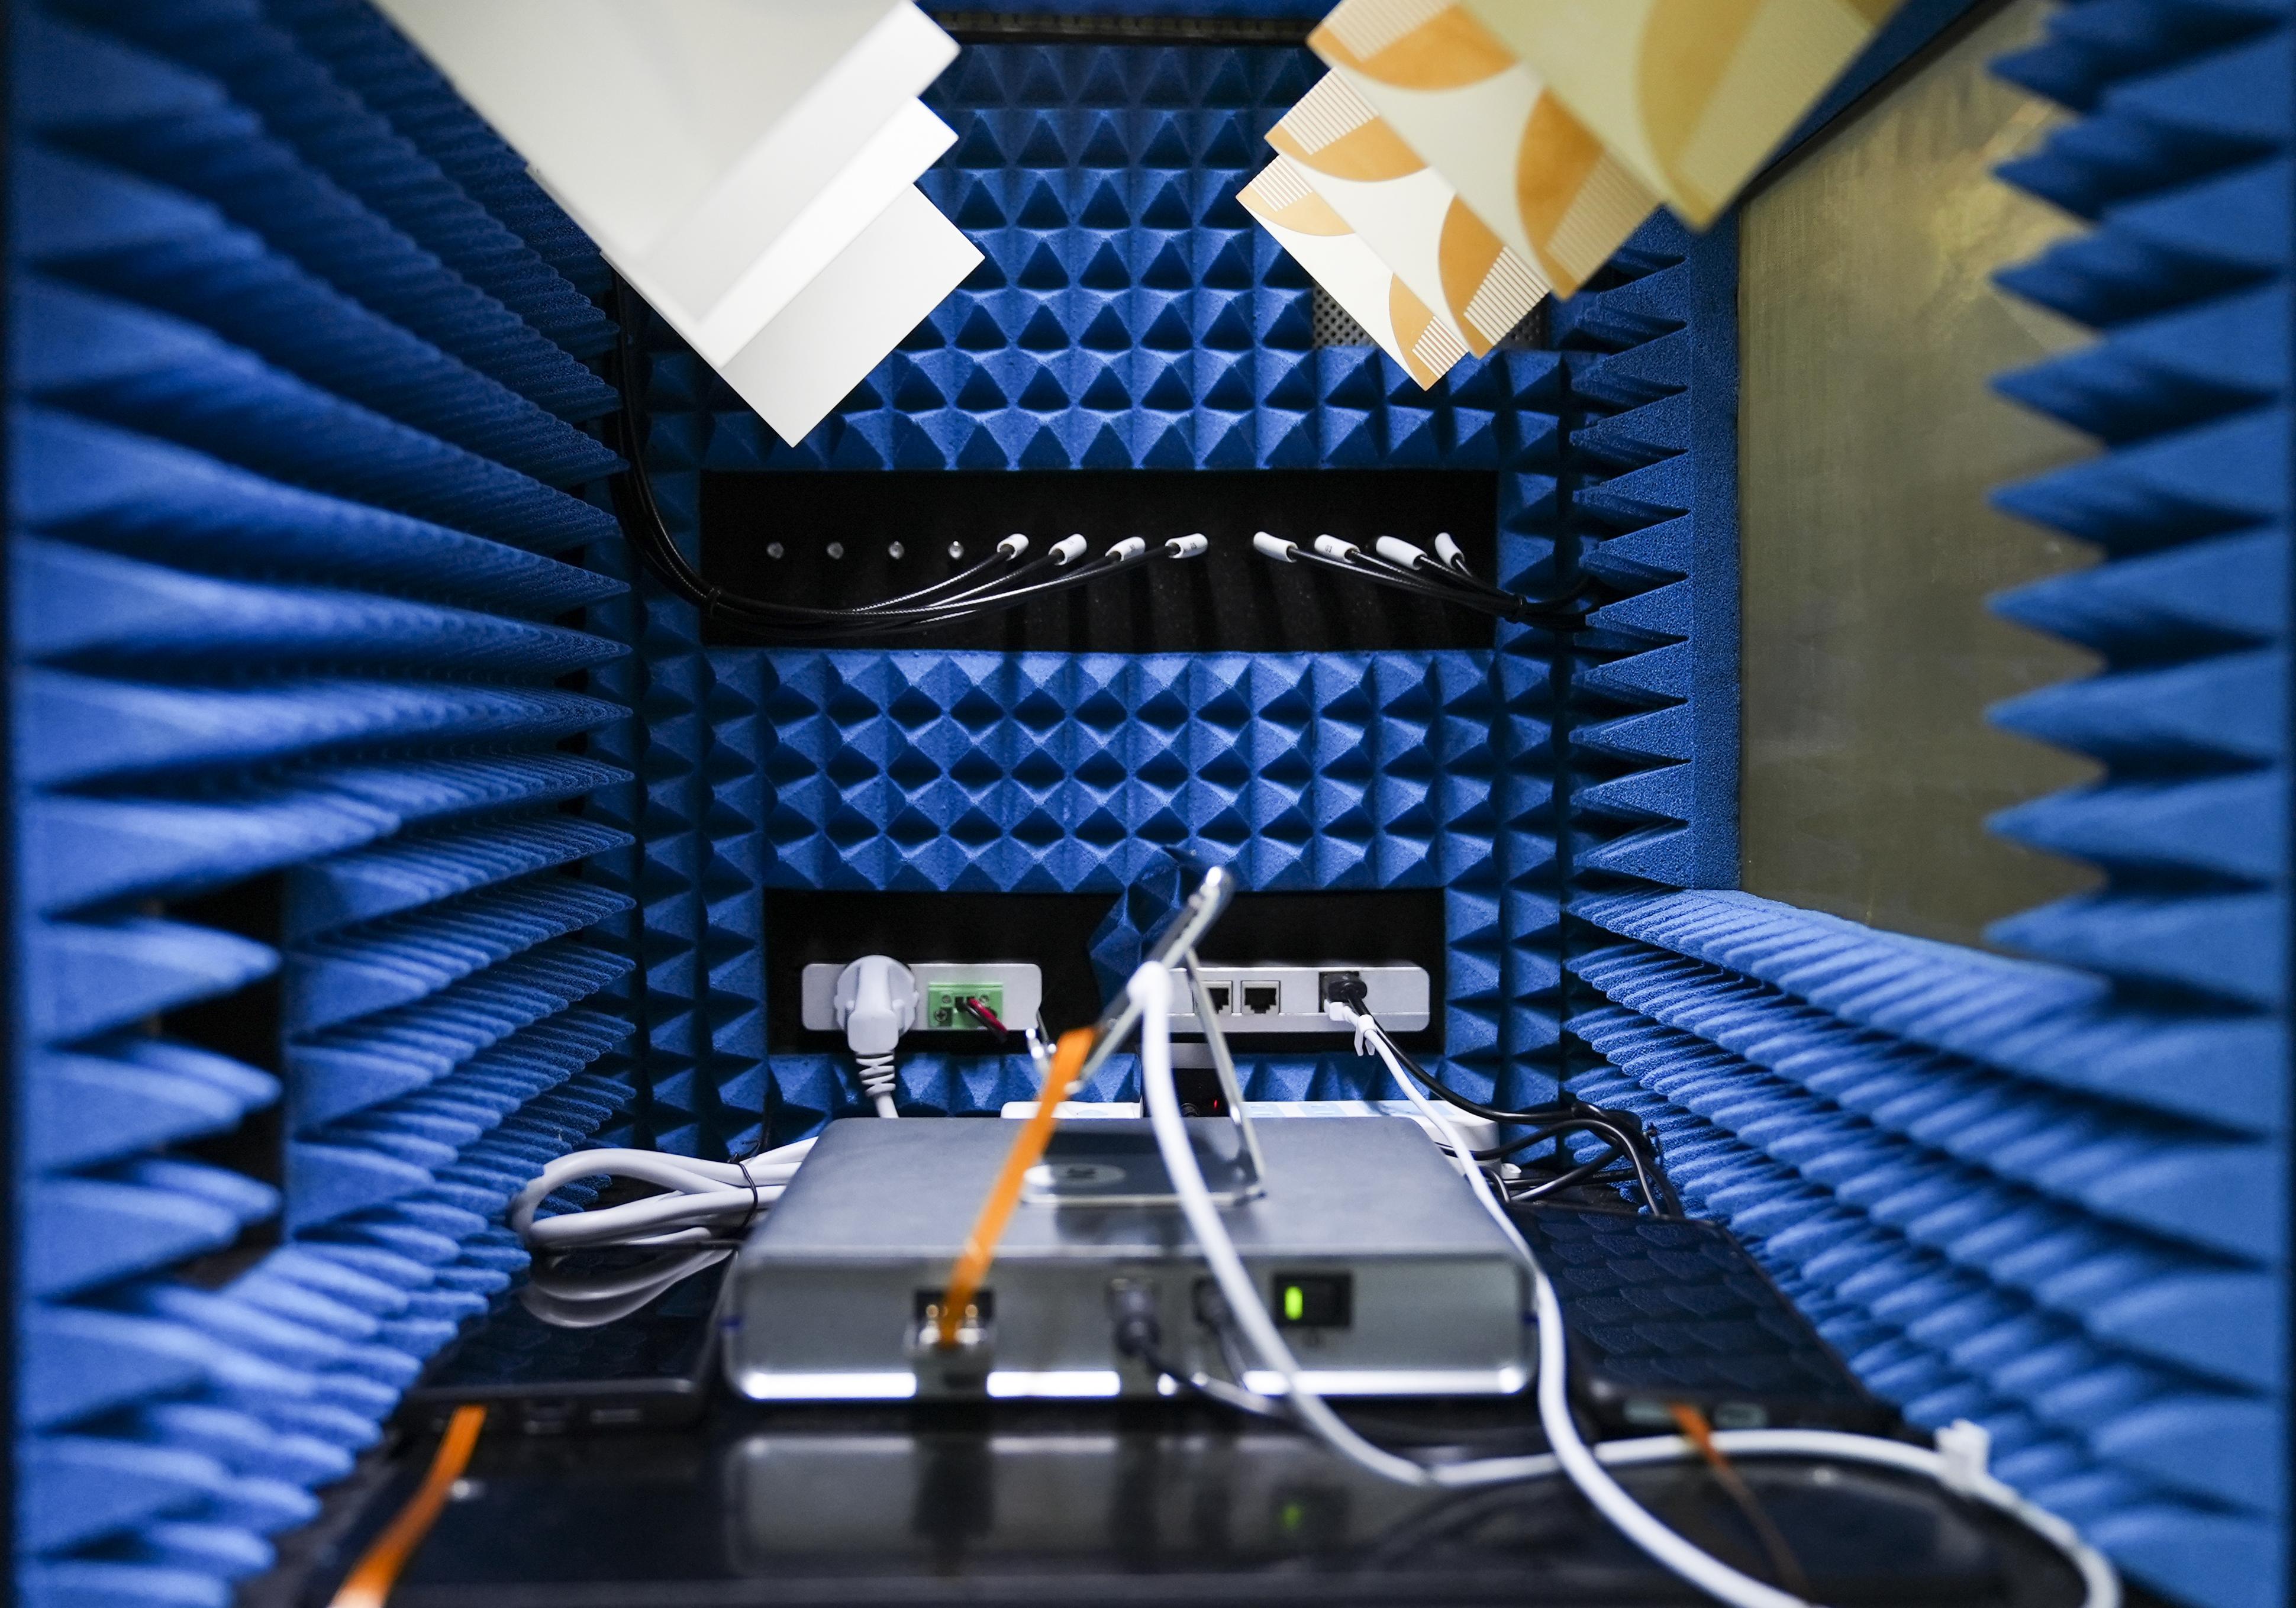 OPPO تكشف عن مختبرها للاتّصالات من الجيل الخامس تمّ تطويره بالتّعاون مع إريكسون: